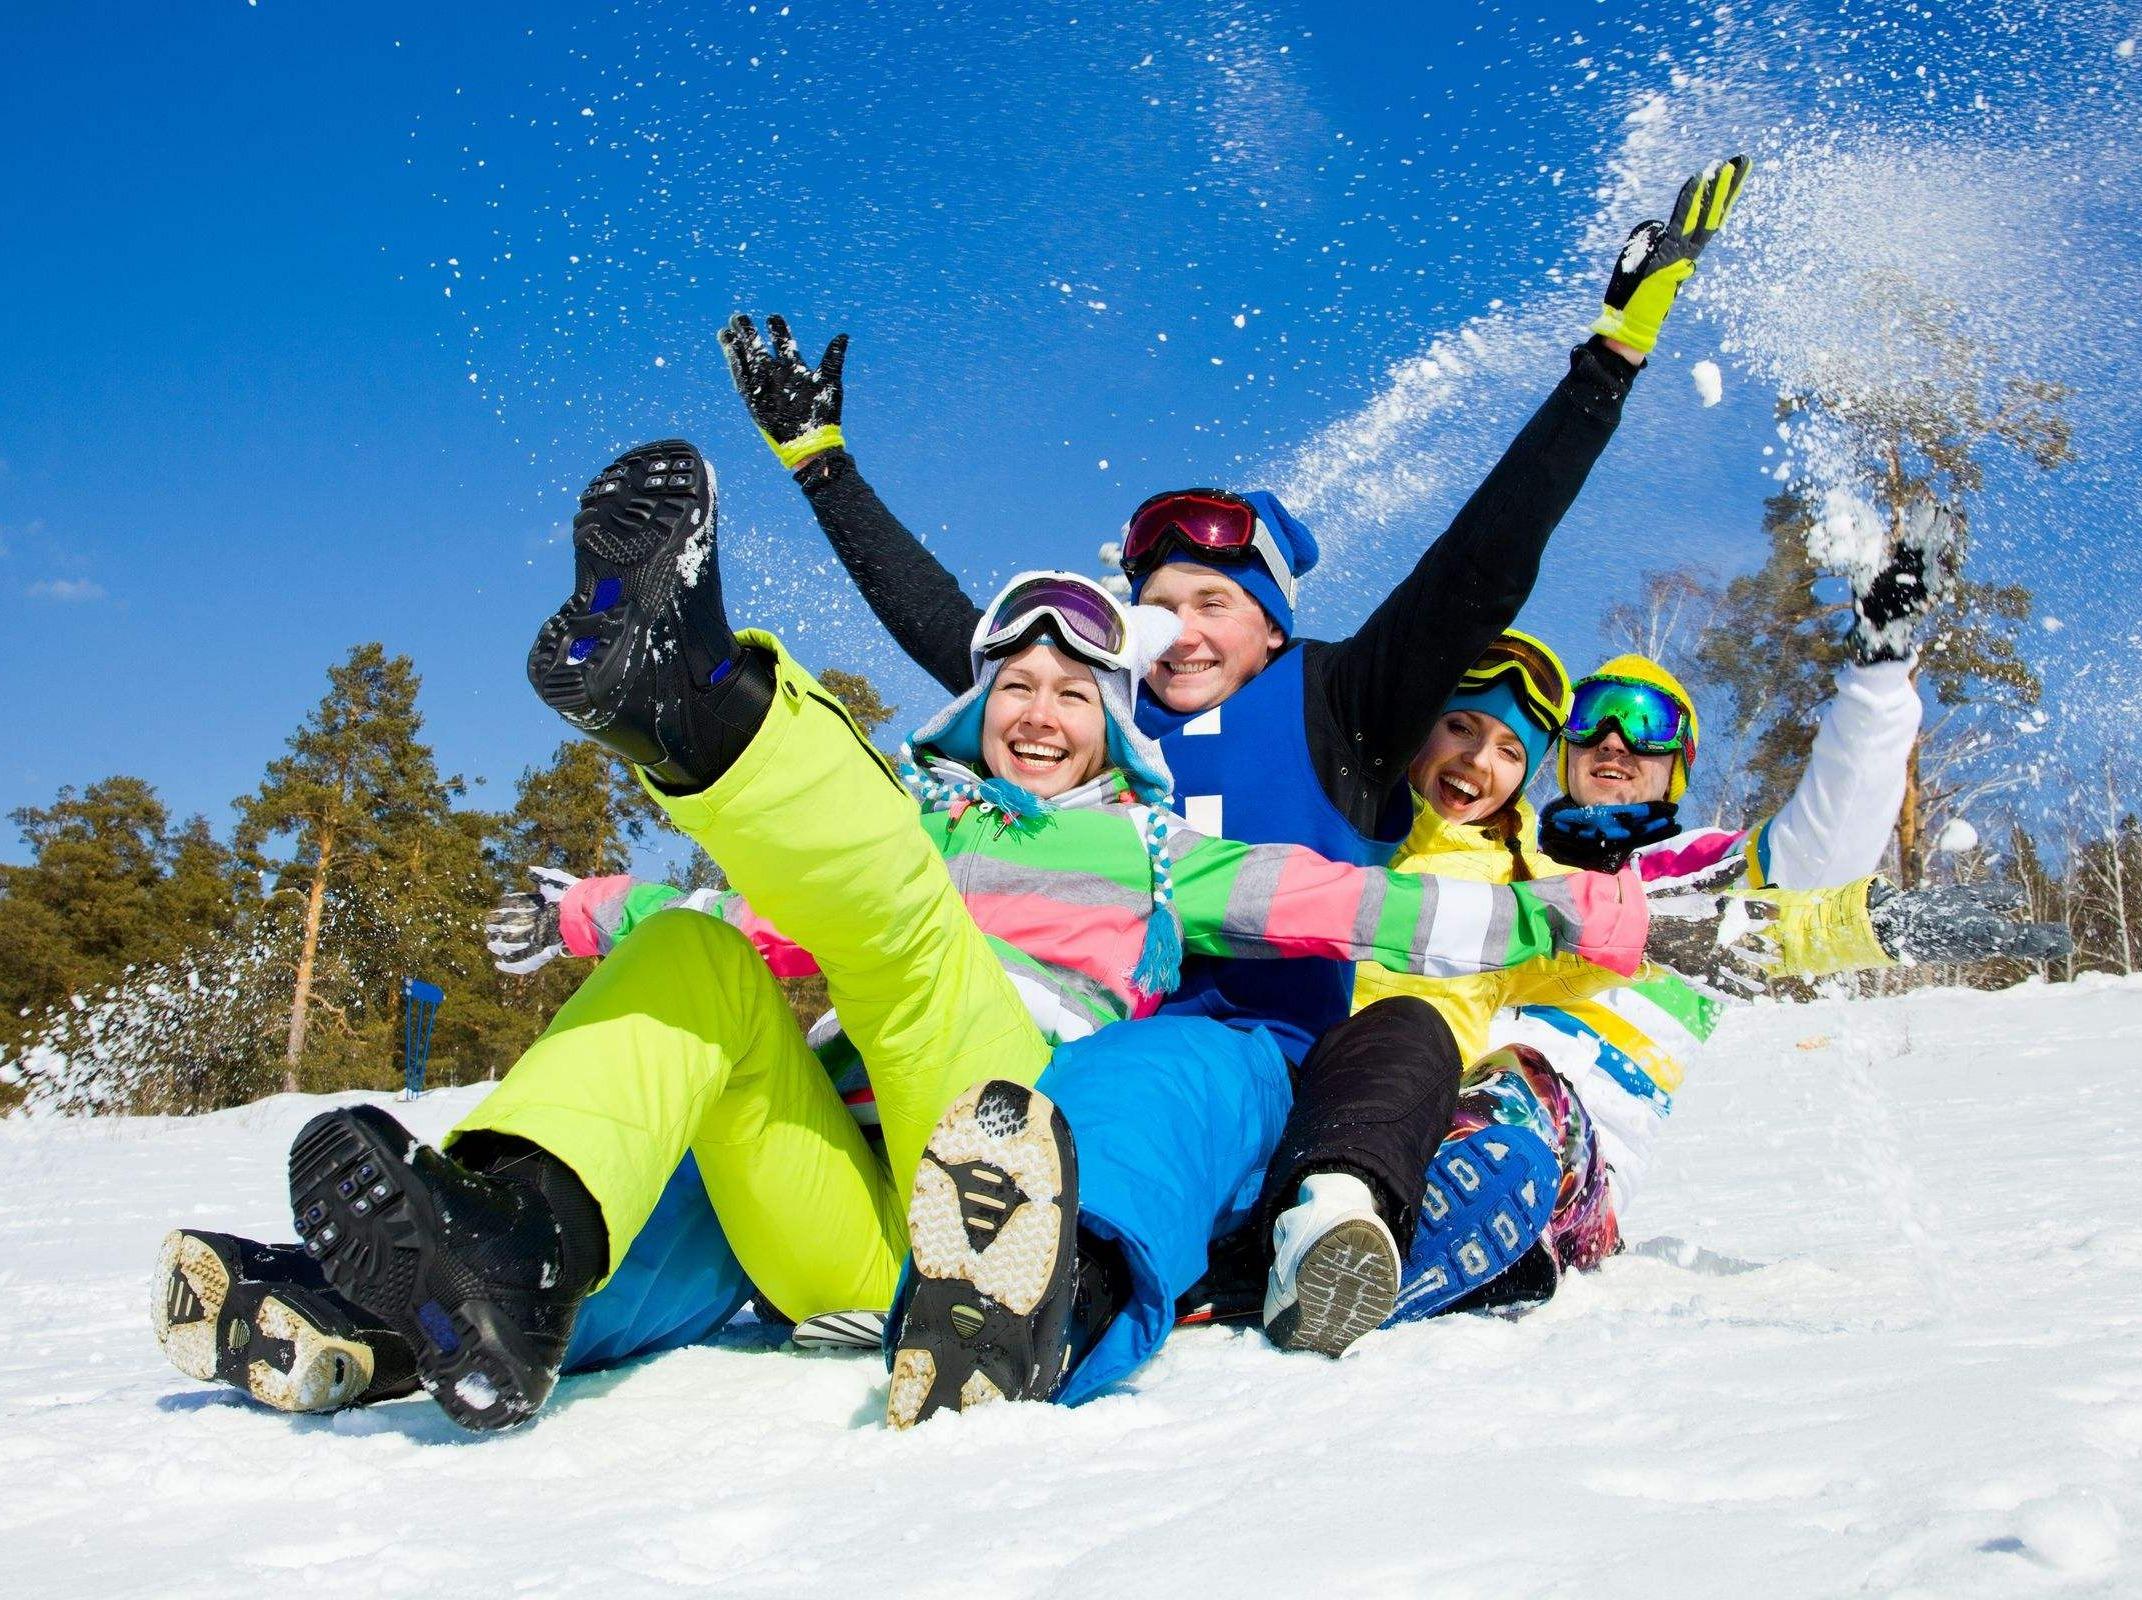 天天出发 拍照玩雪滑雪 鹧鸪山冰雪世界